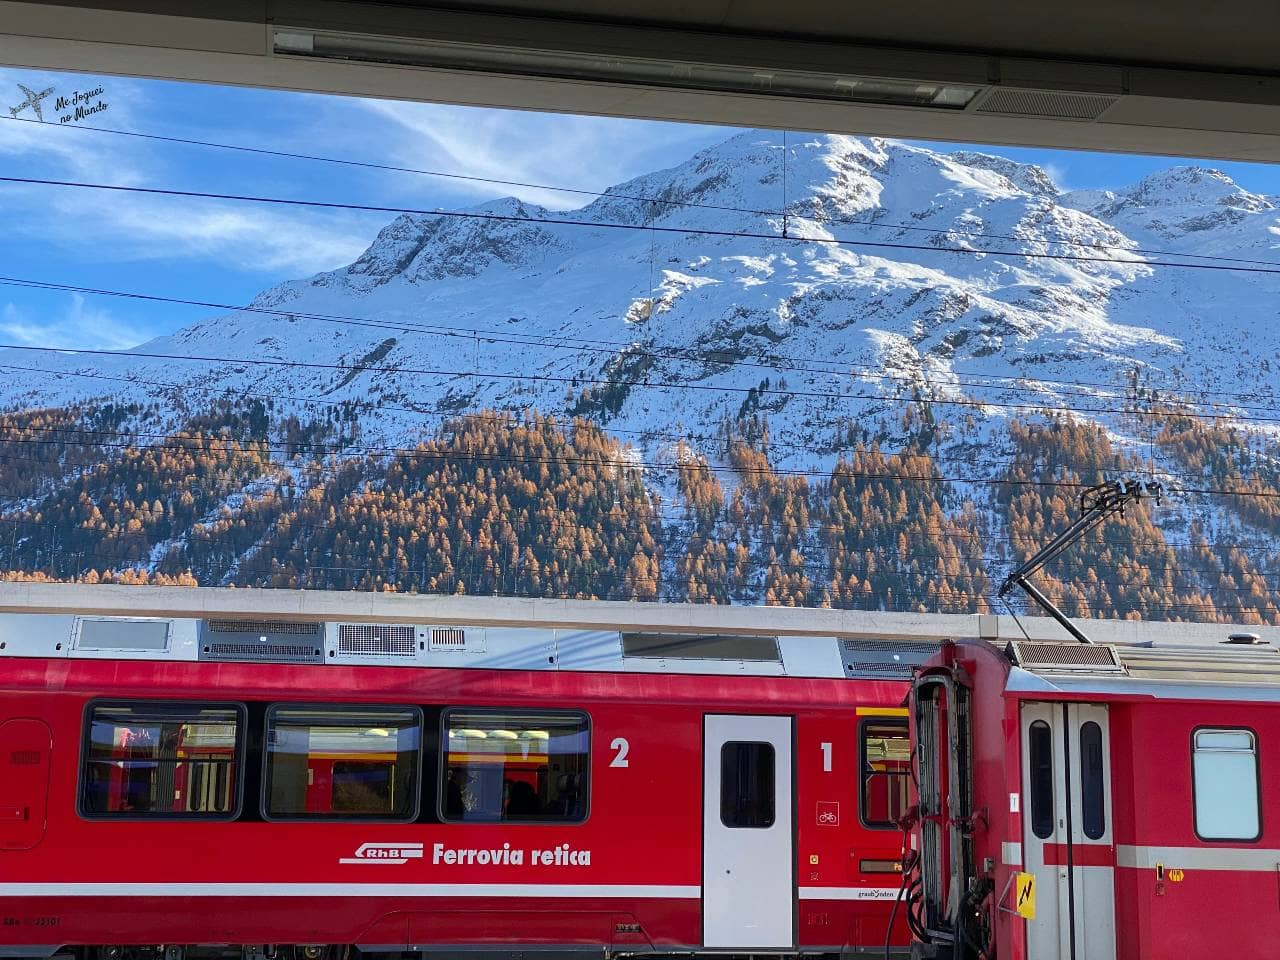 transporte publico suica